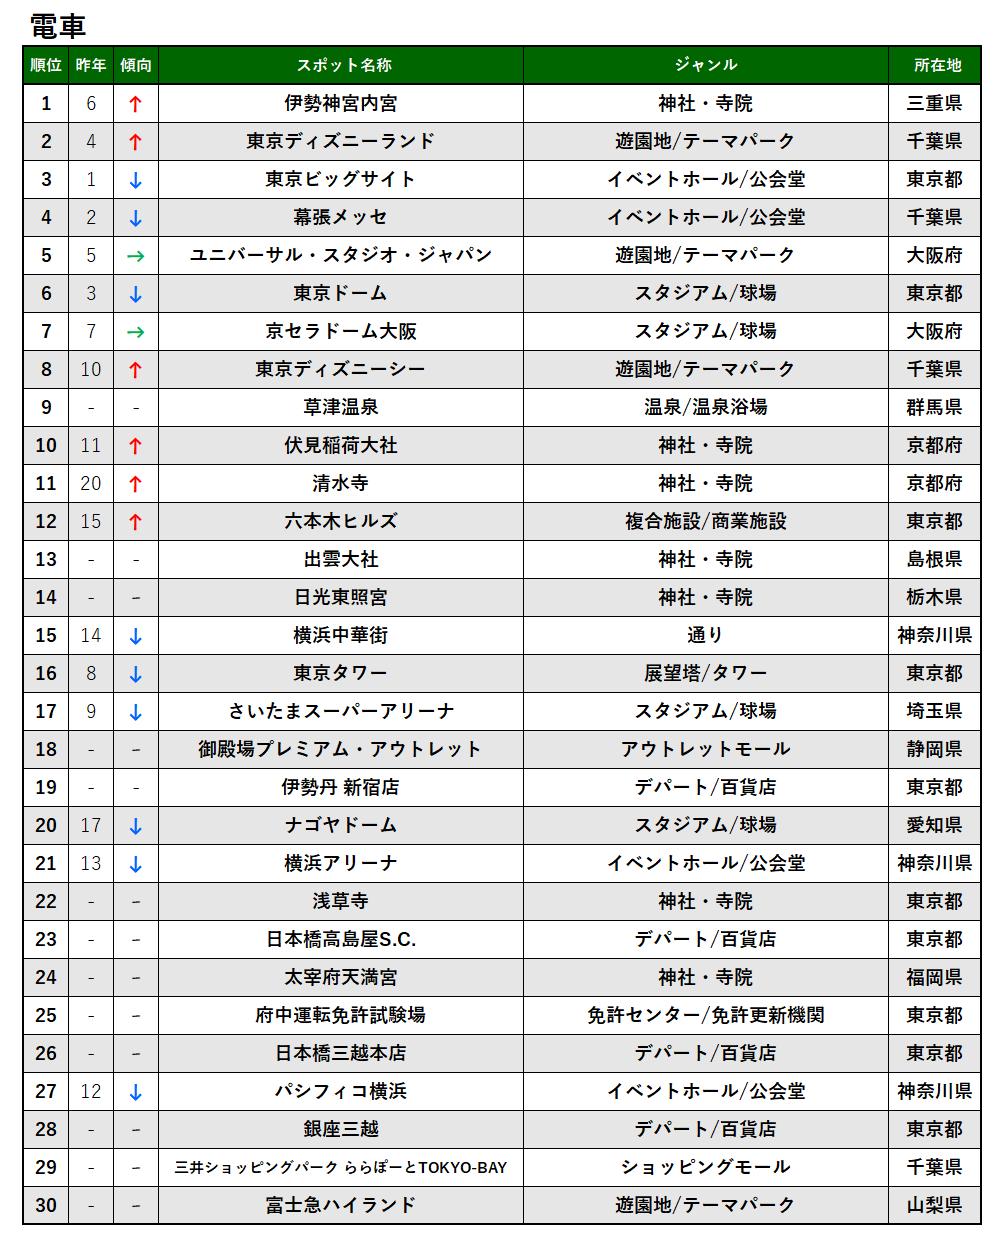 2020年_電車_TOP30.png